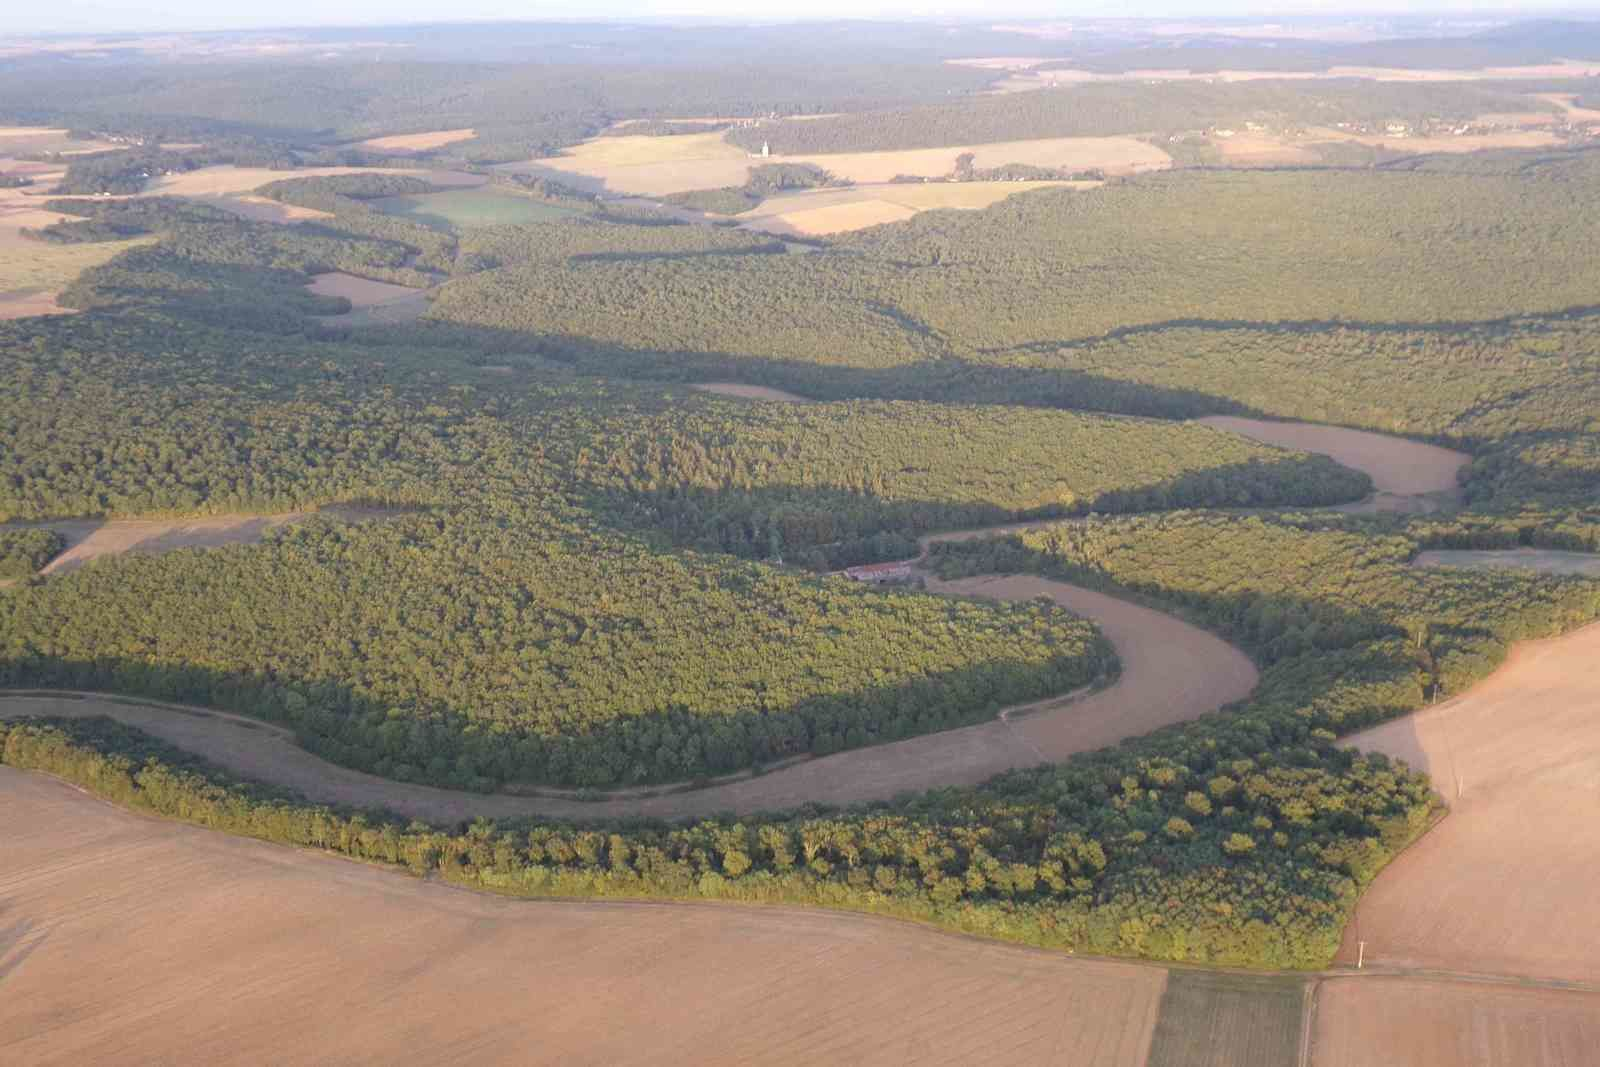 Des méandres où coule (?) coulait (?) une rivière.